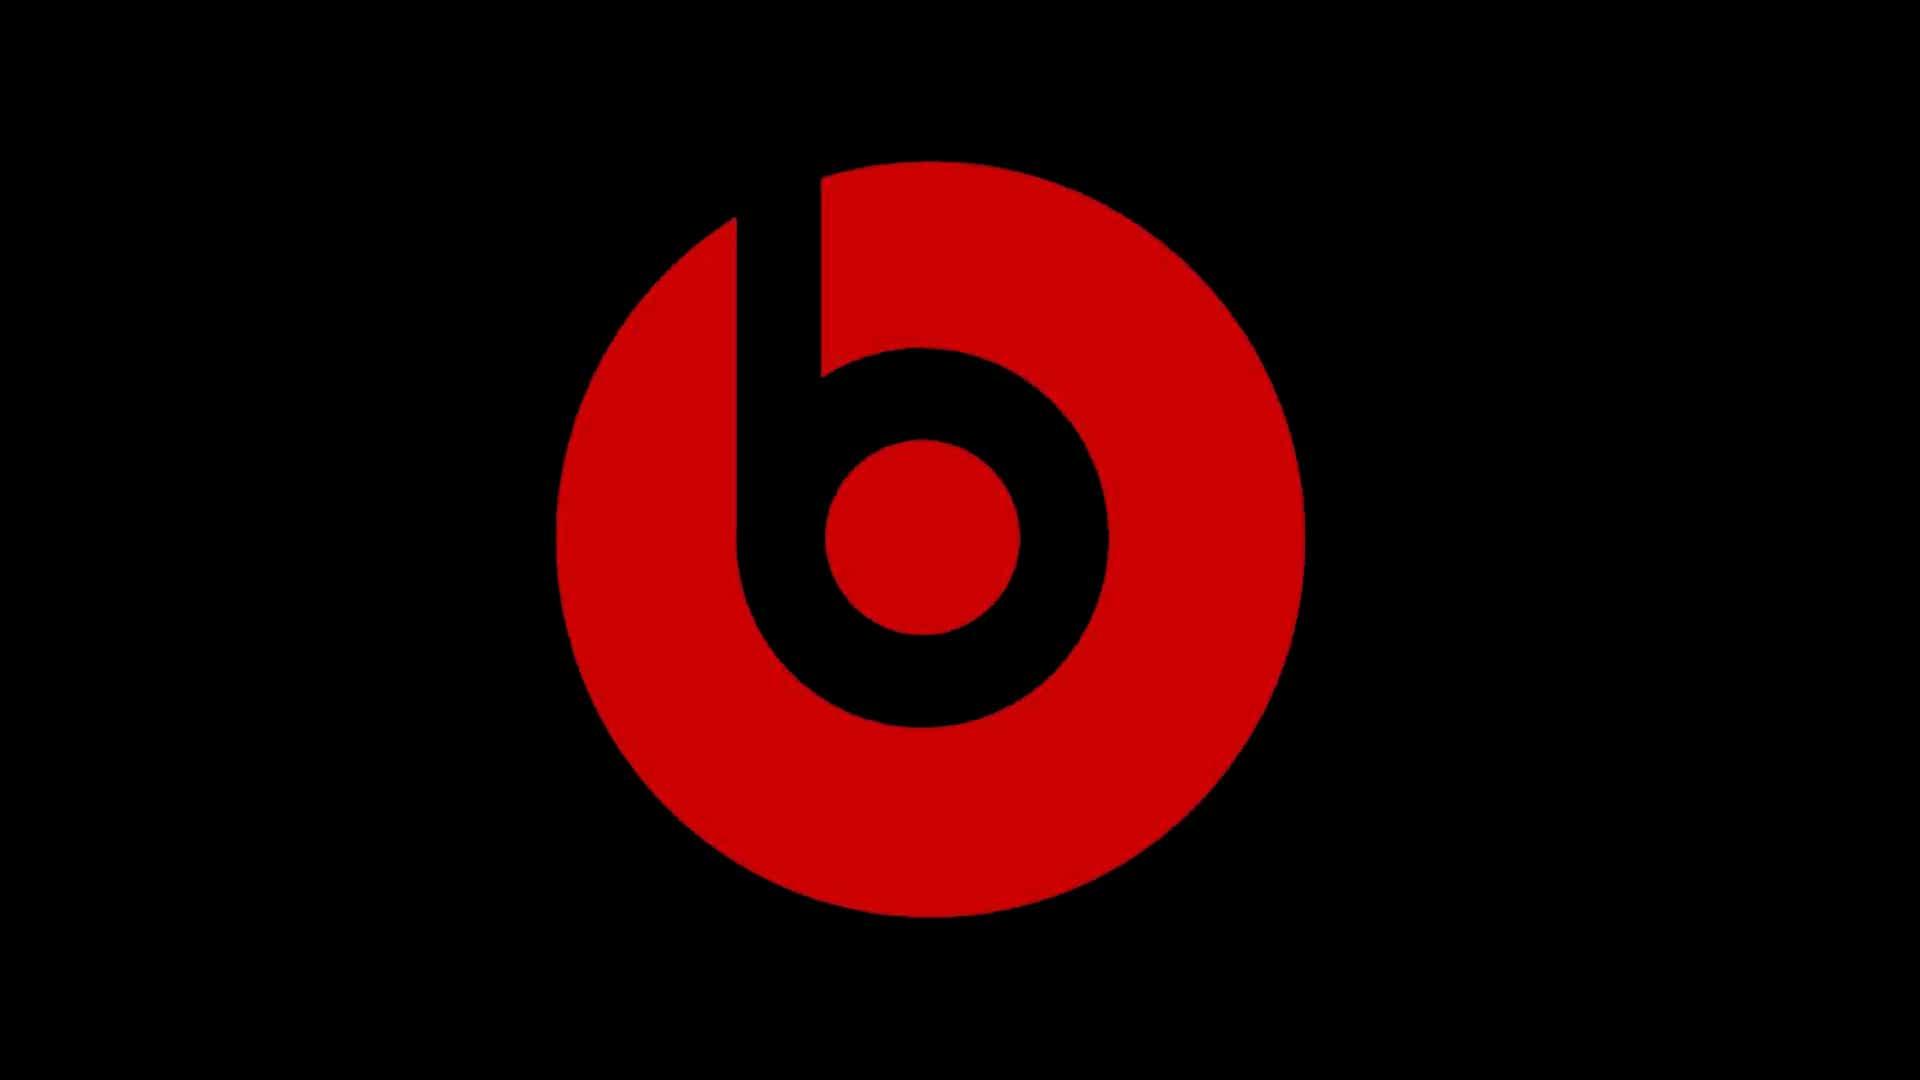 El logotipo de Beats tiene un significado secreto (y no creerá que se lo perdió)